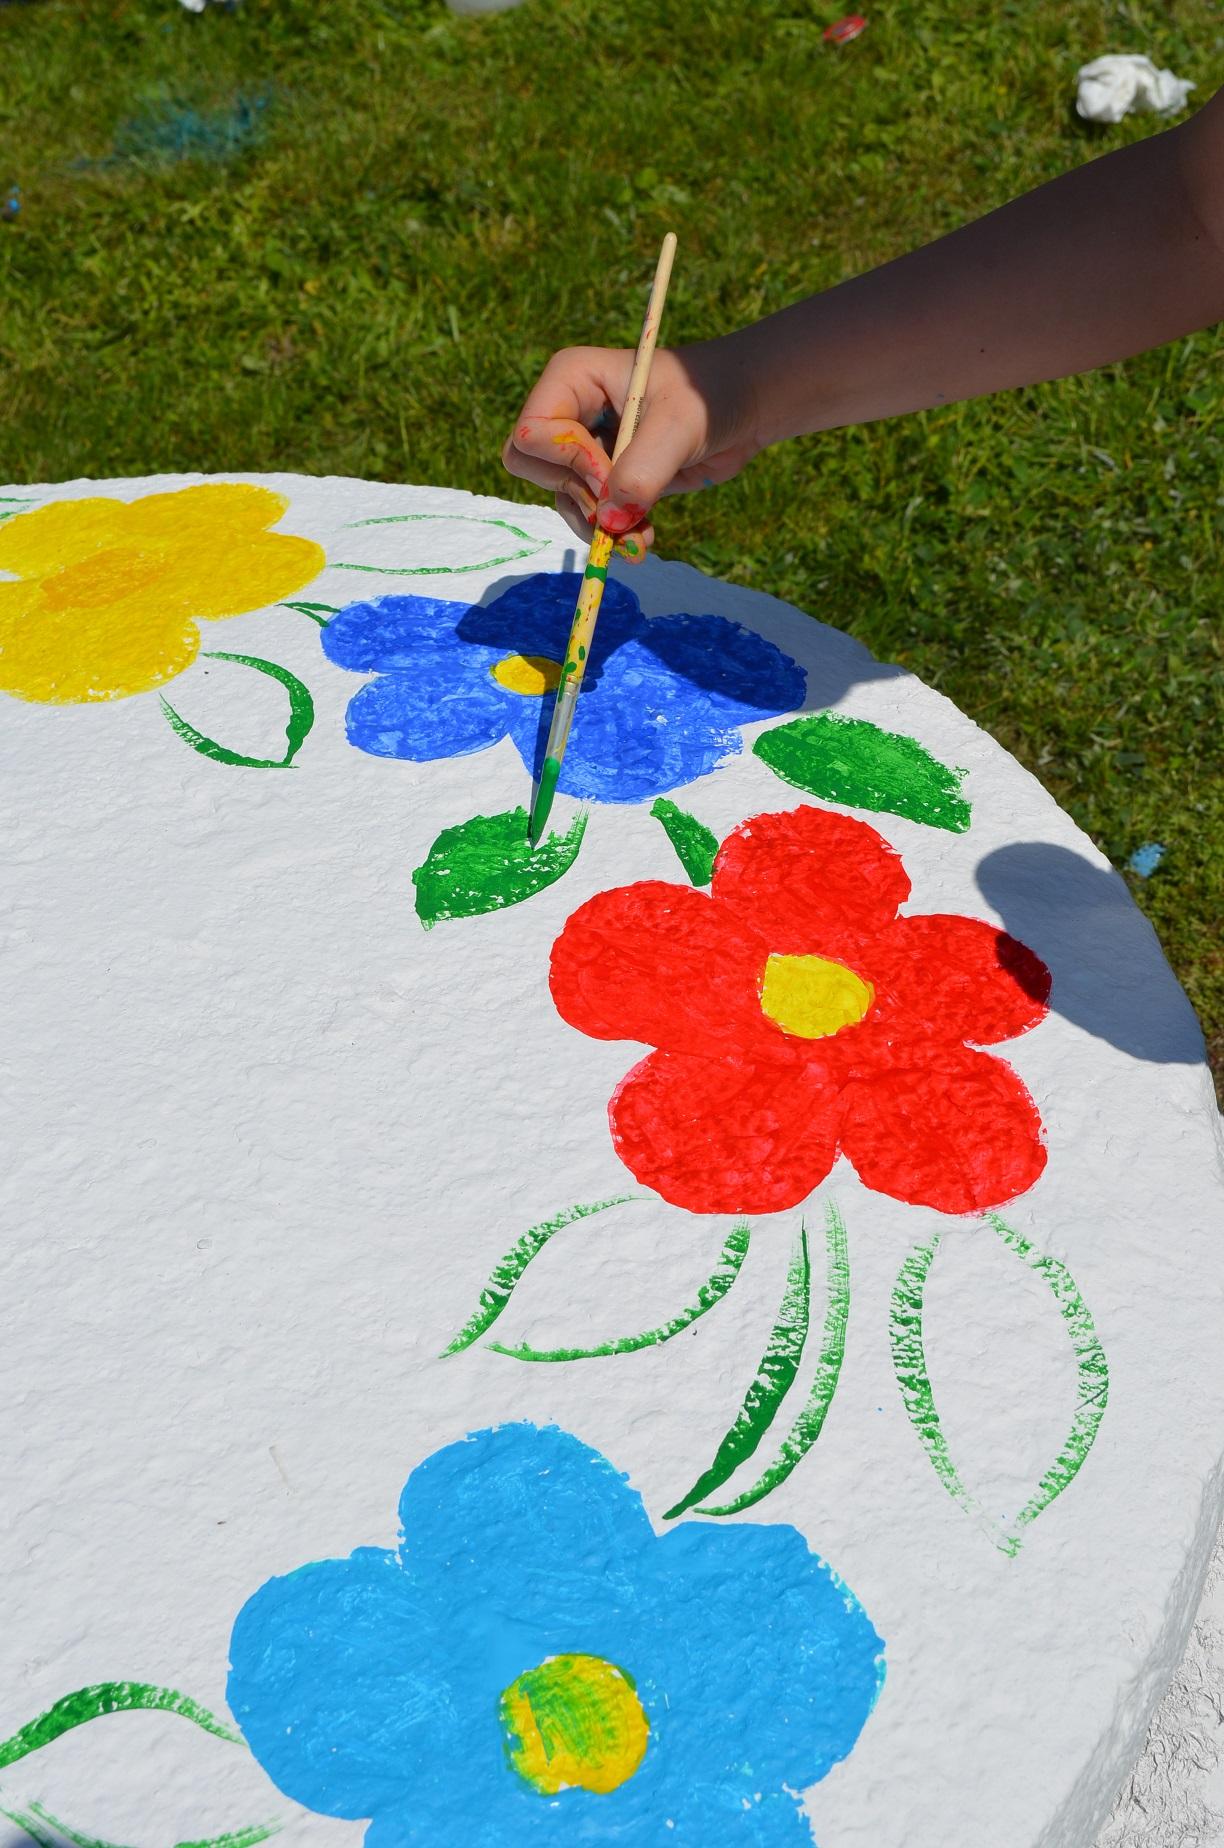 Wielko studni pomalowane na biało z kilkoma wymalowanymi kwiatami i konturami liści. Dłoń pędzlem wypełnia farbą wzór liścia